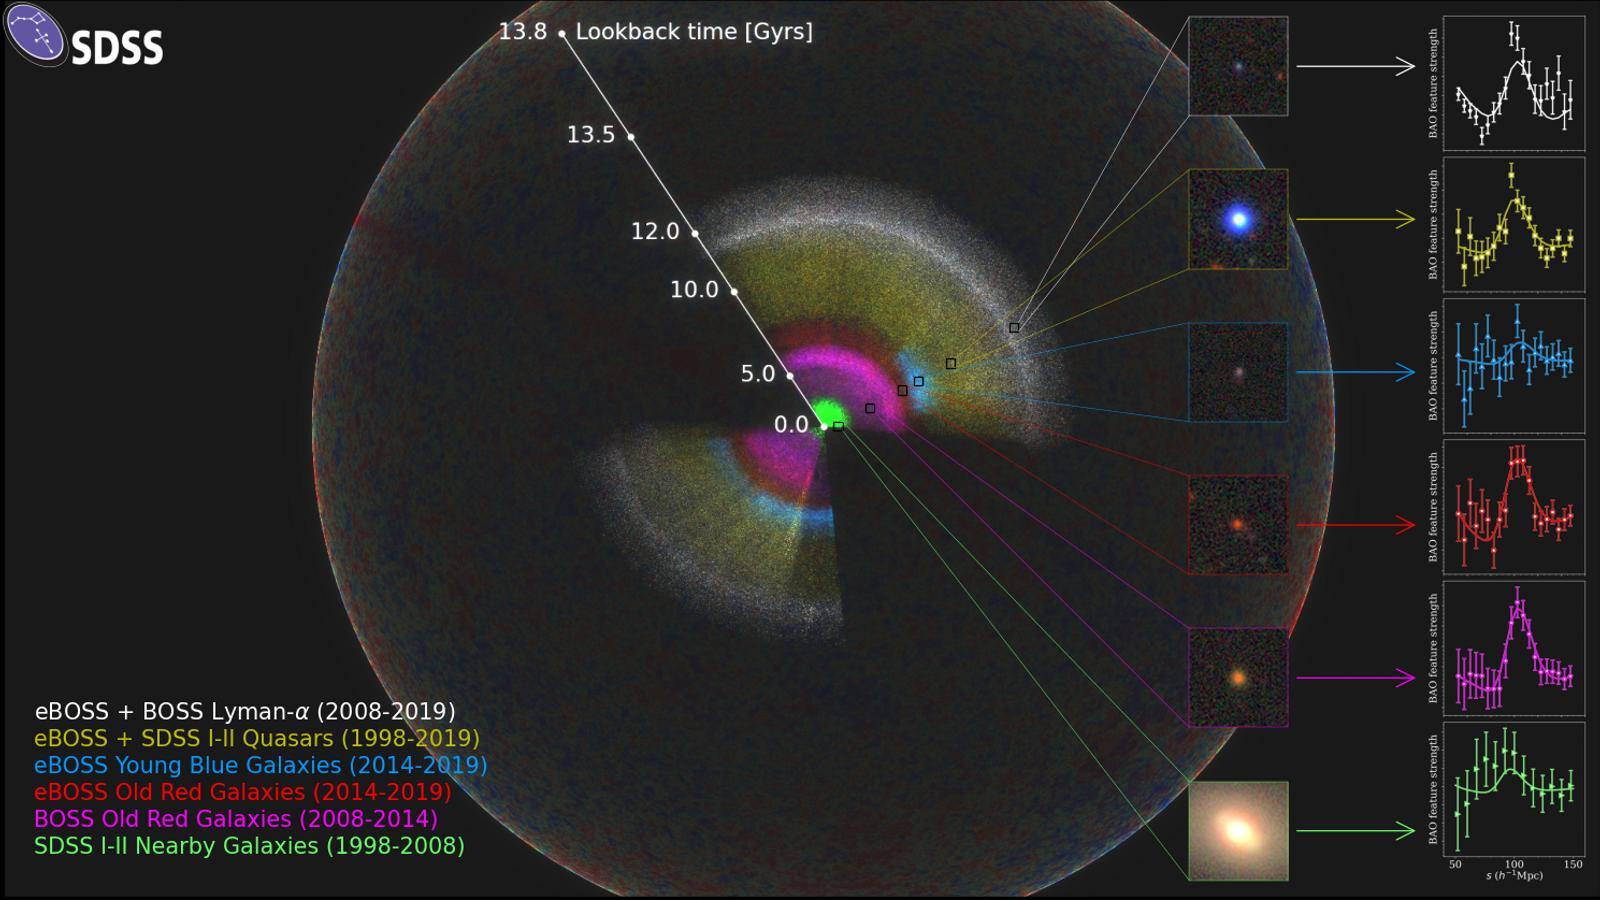 Carte tridimensionelle montrant l'expansion de l'Univers, chaque point représente une galaxie ou un quasar. Les différentes ...